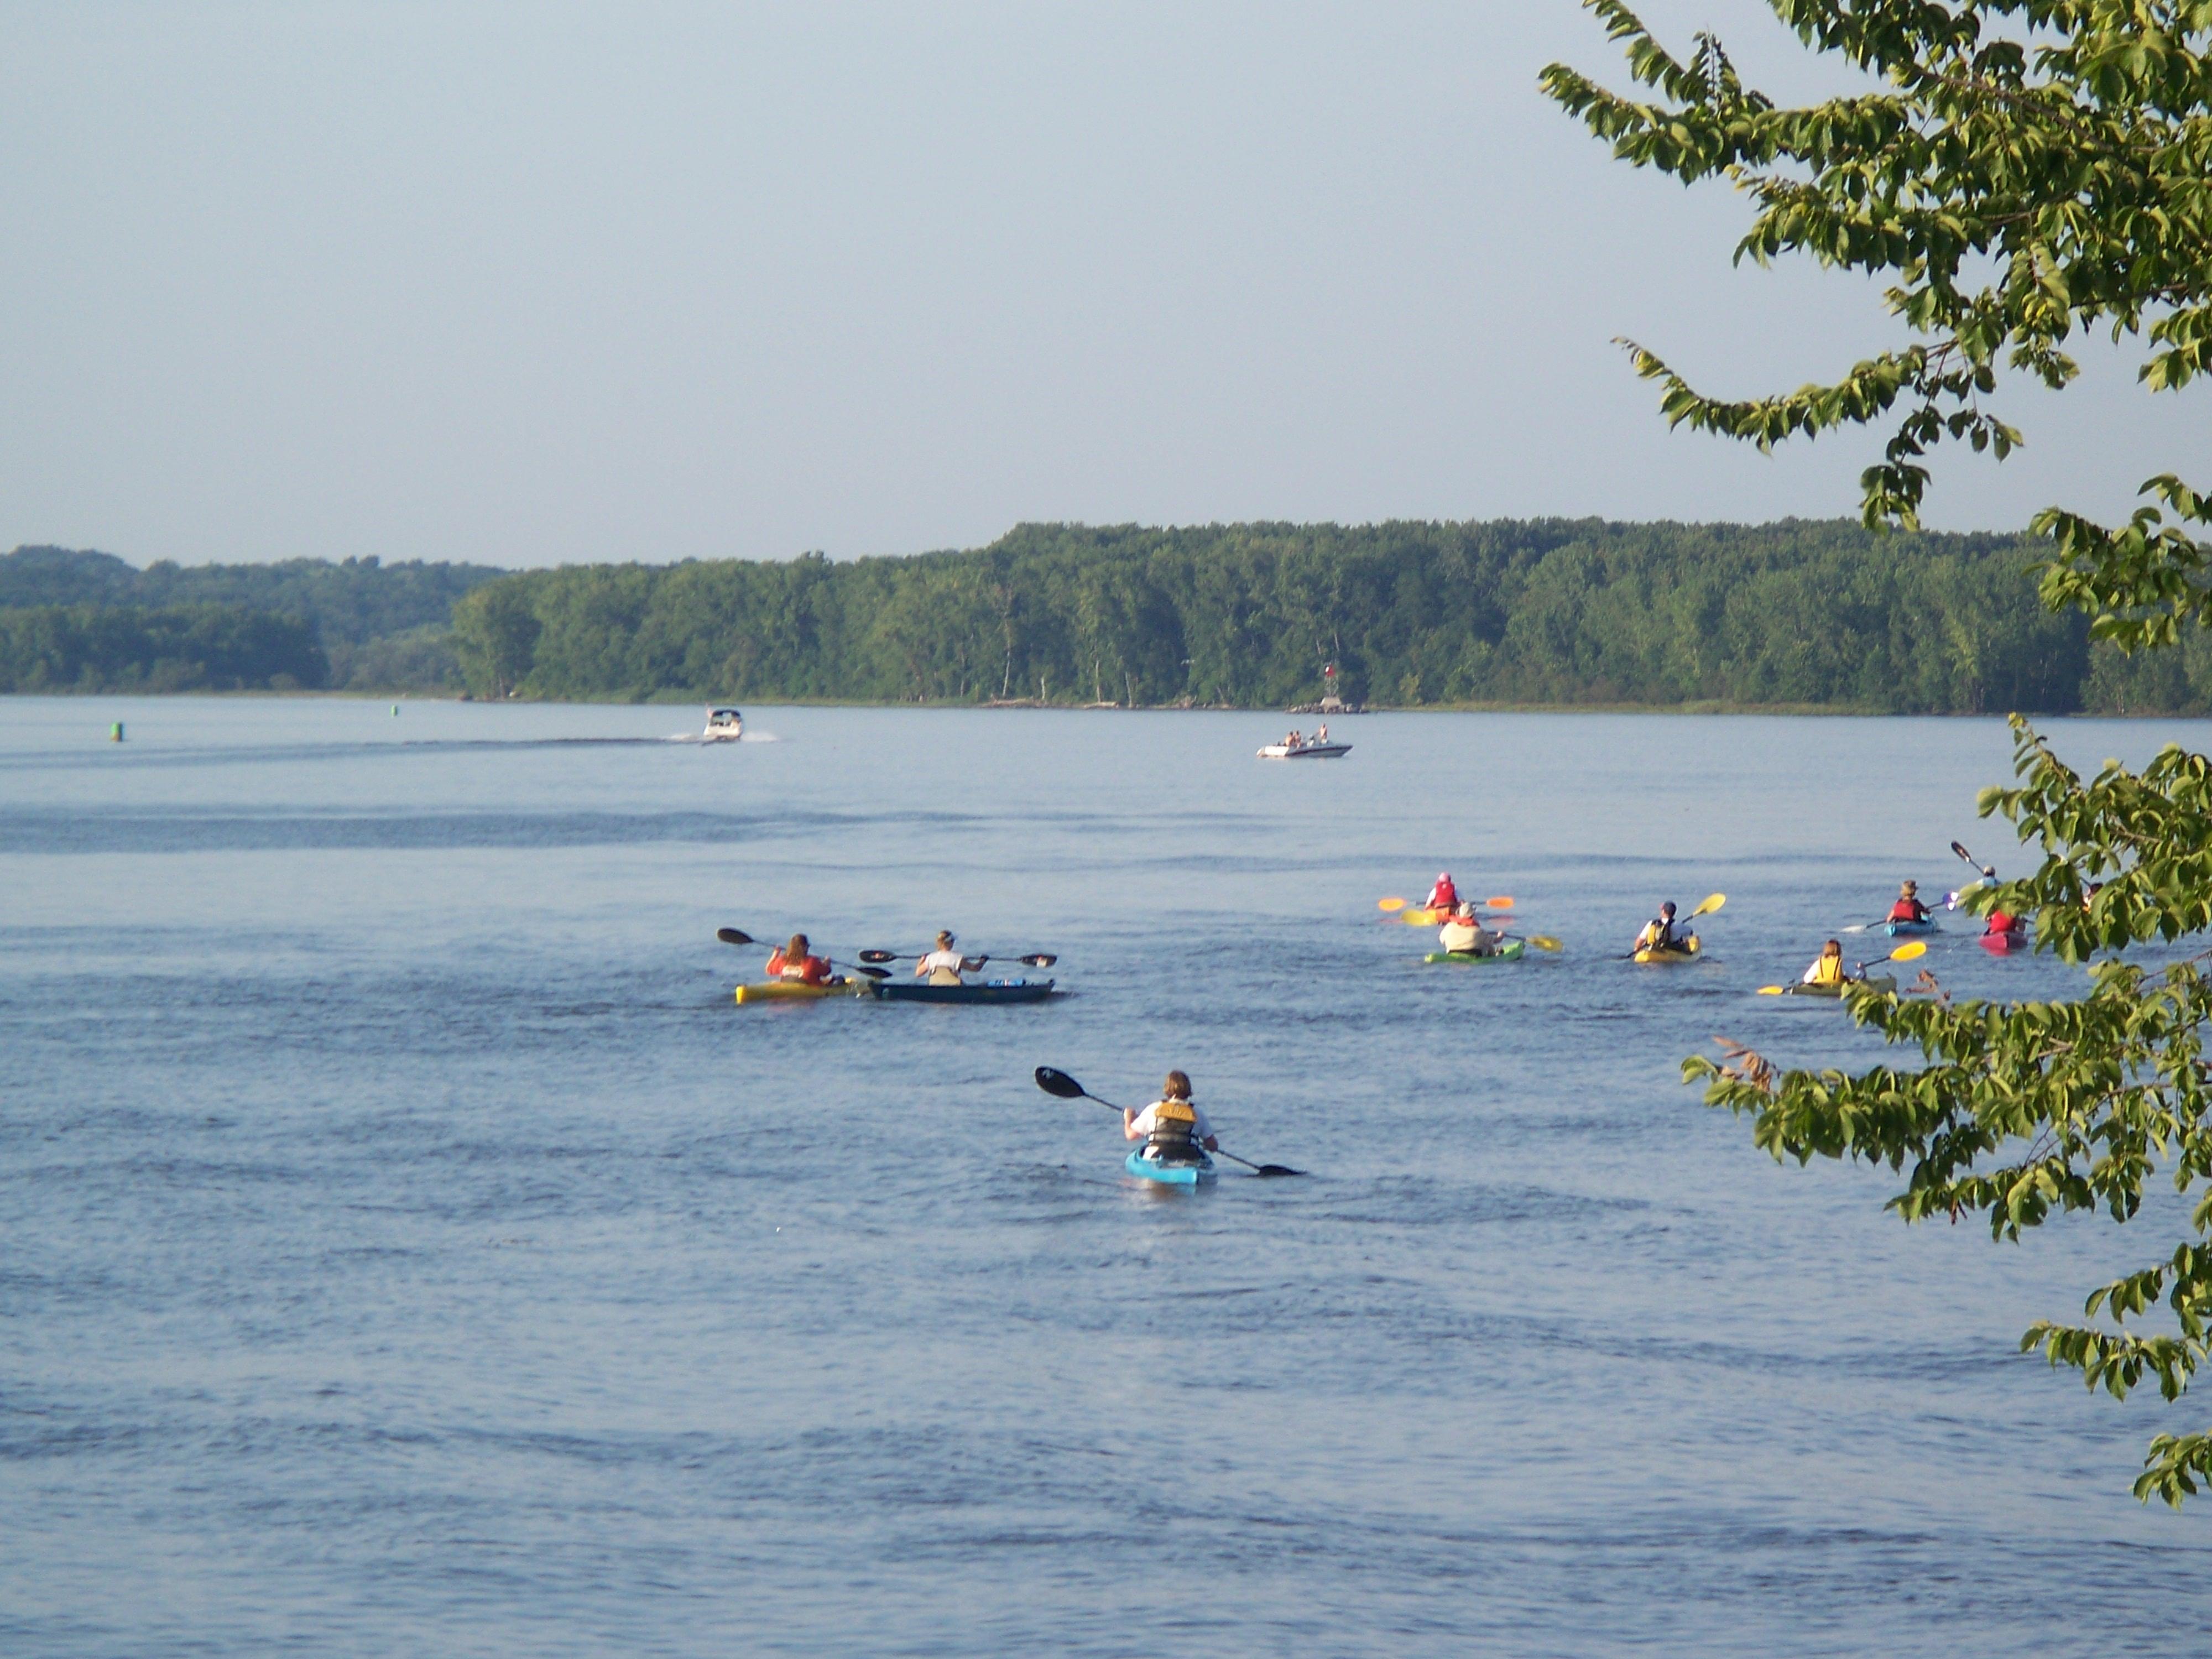 North Bay Recreation Area